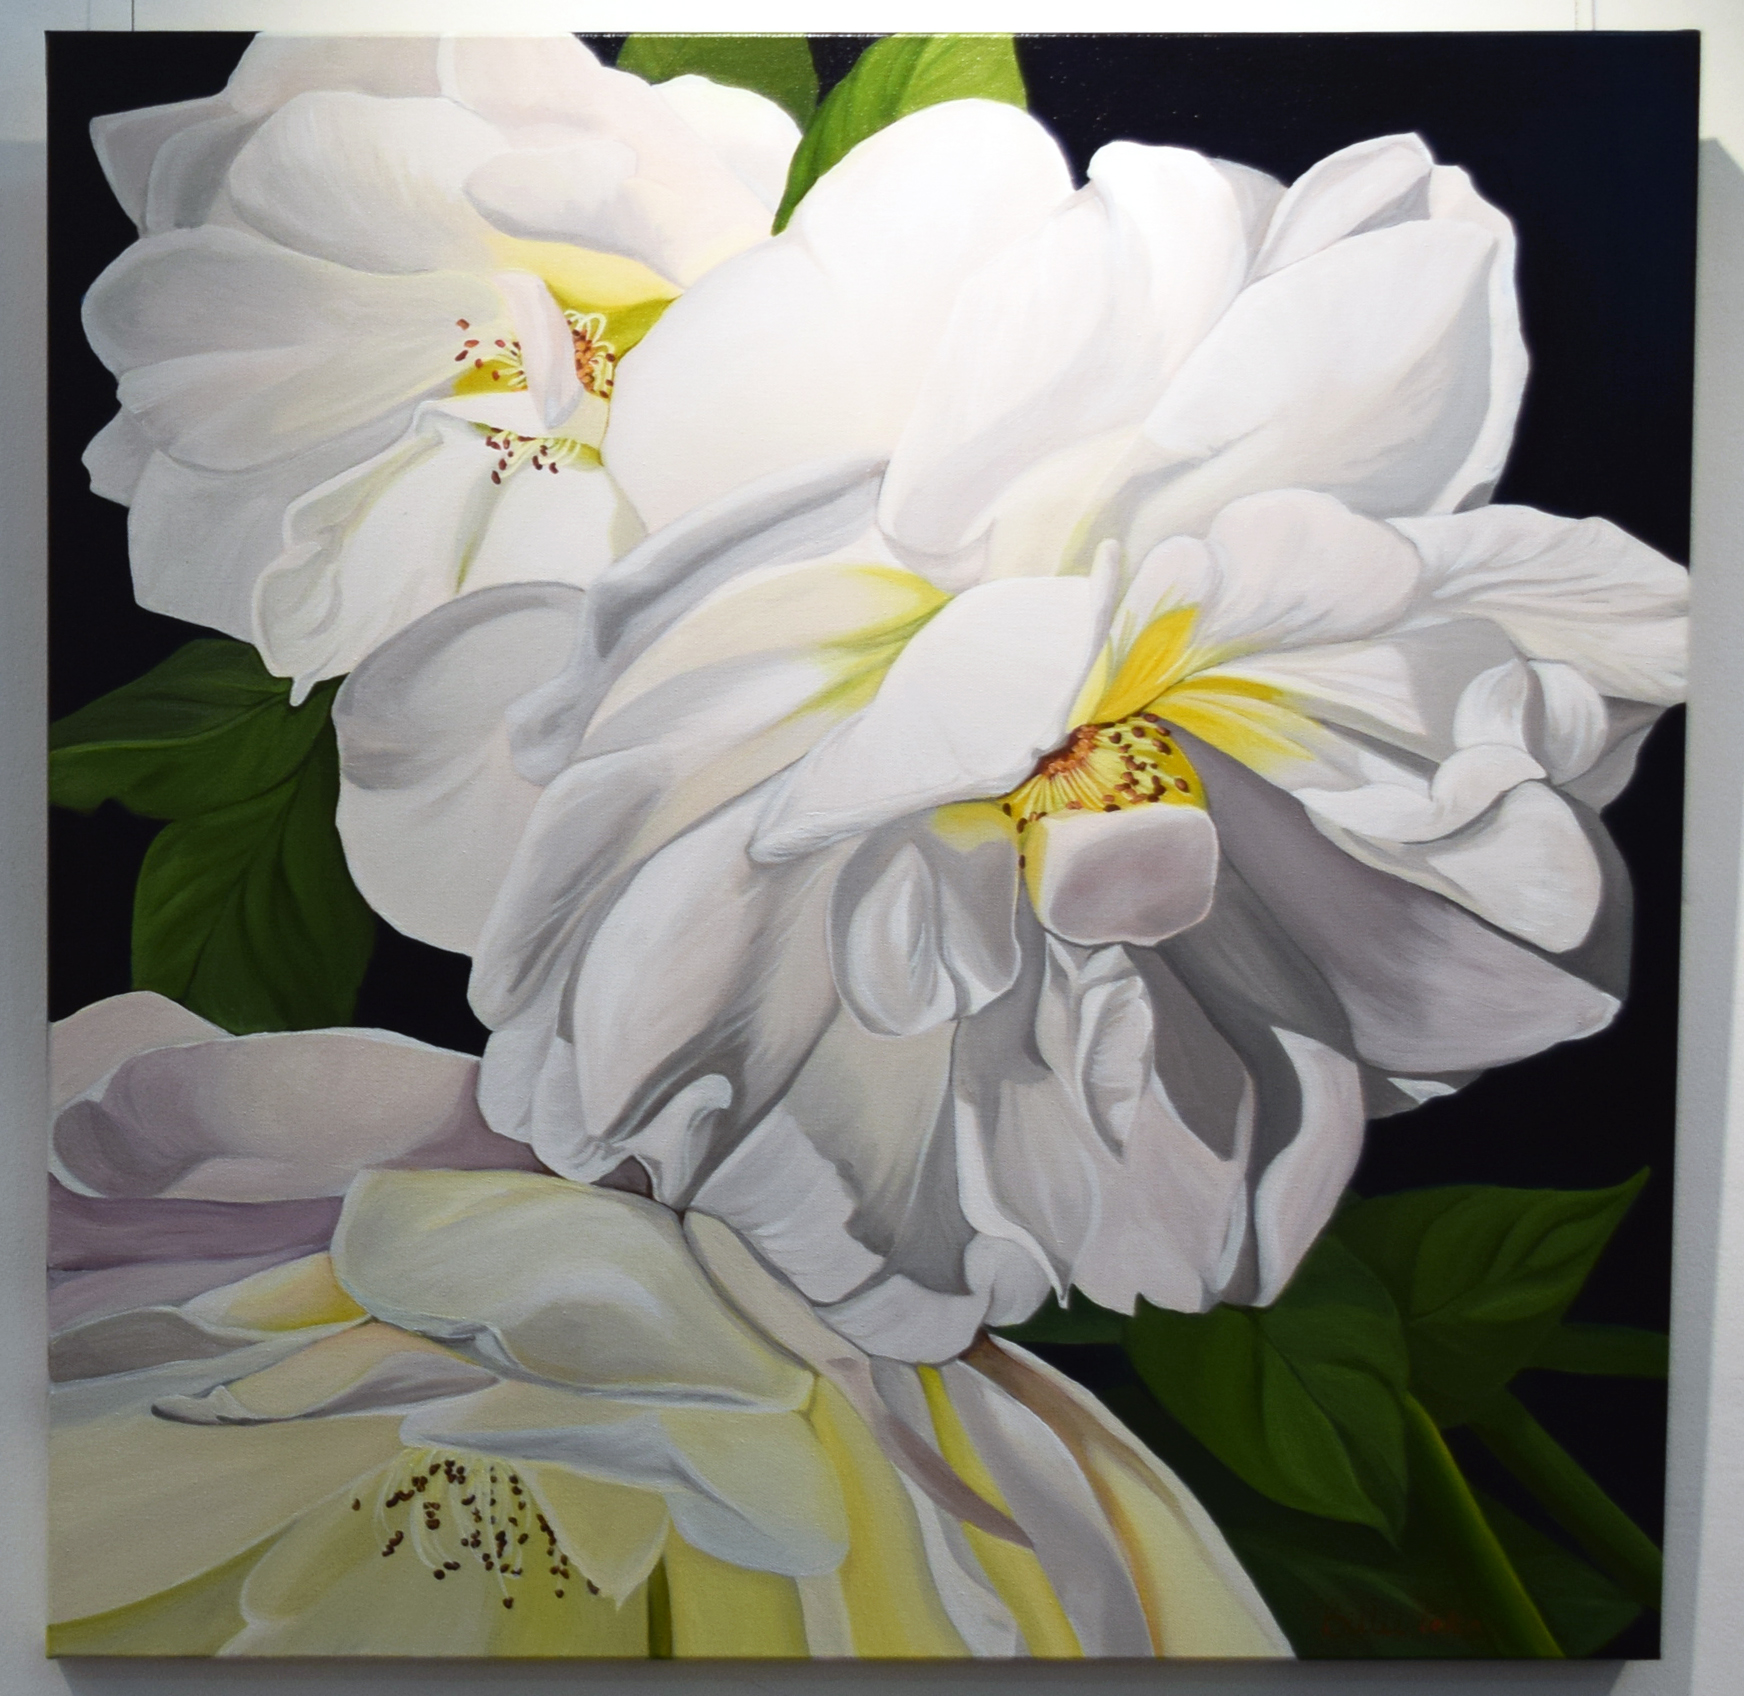 13. Billie Peka, White Roses Flourish, 2018, acrylic on canvas, 76 x 76 cm, $555